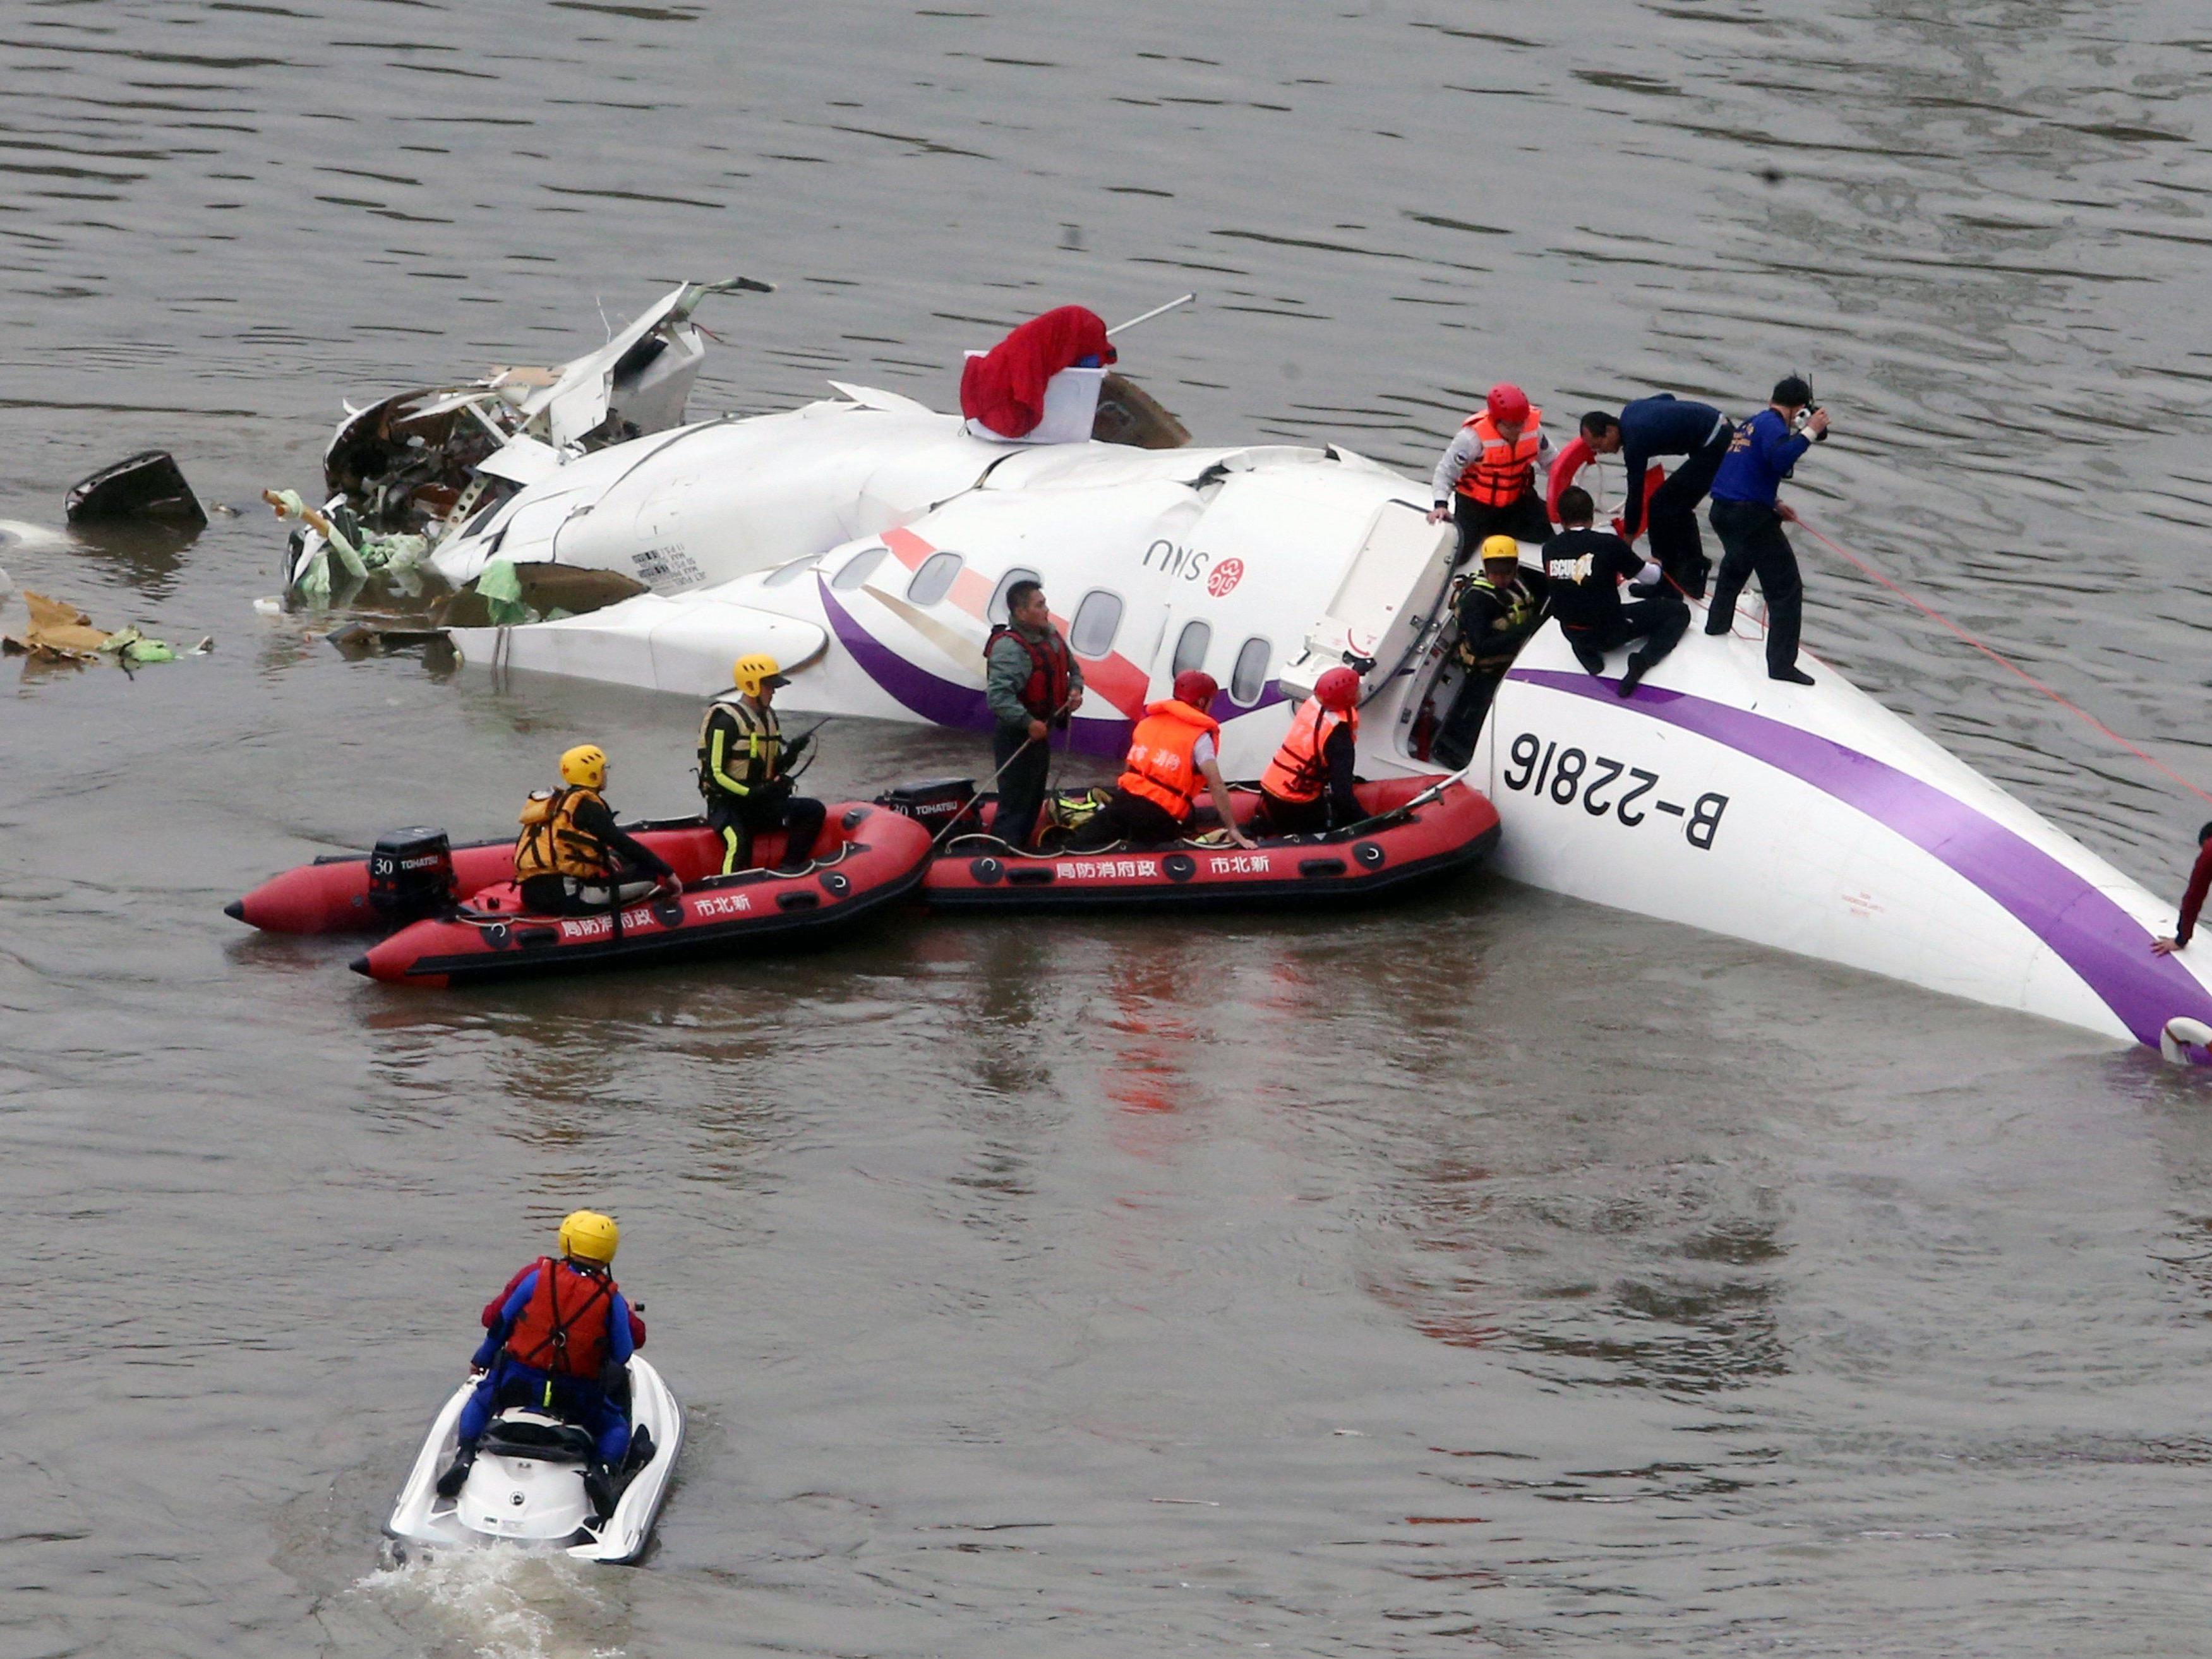 Rettungskräfte auf der Suche nach Opfern im Wrack.